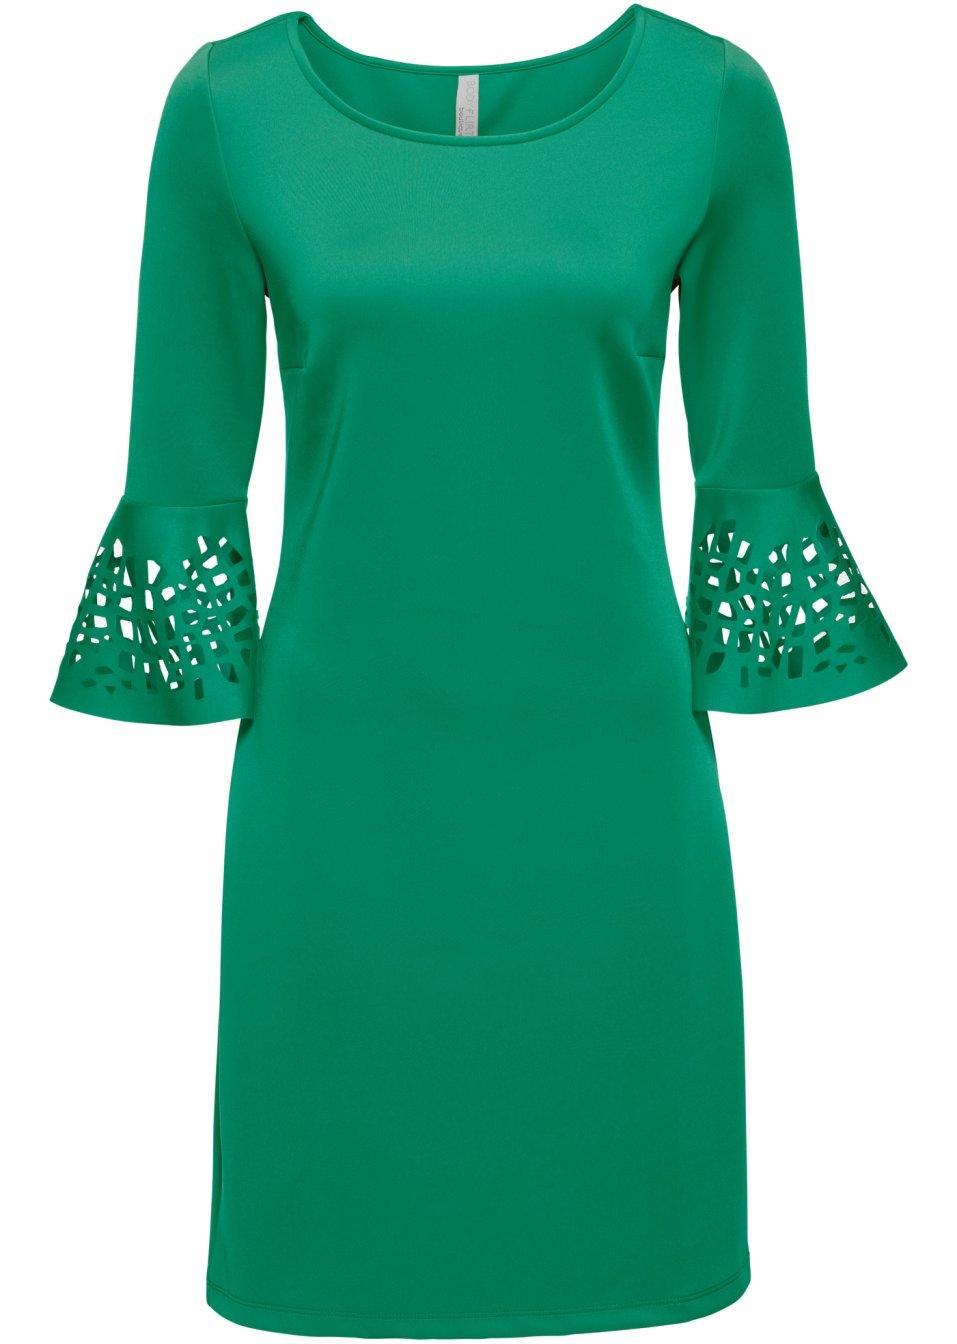 Grüne Kleider auf bonprix.de entdecken